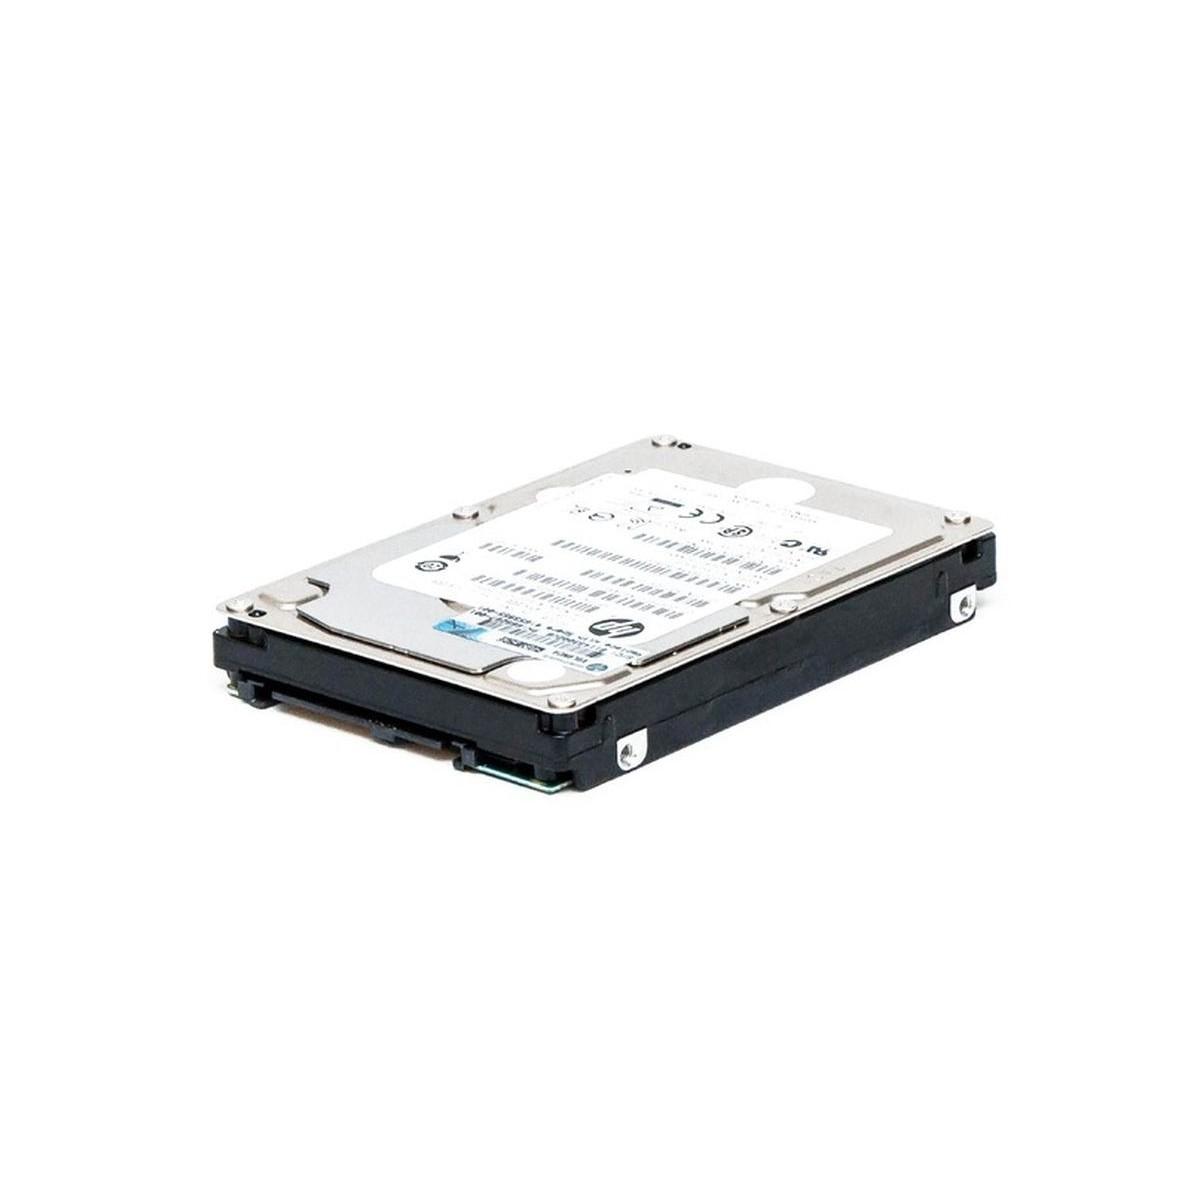 DYSK TWARDY WESTERN DIGITAL 250GB 7.2K WD2502ABYS